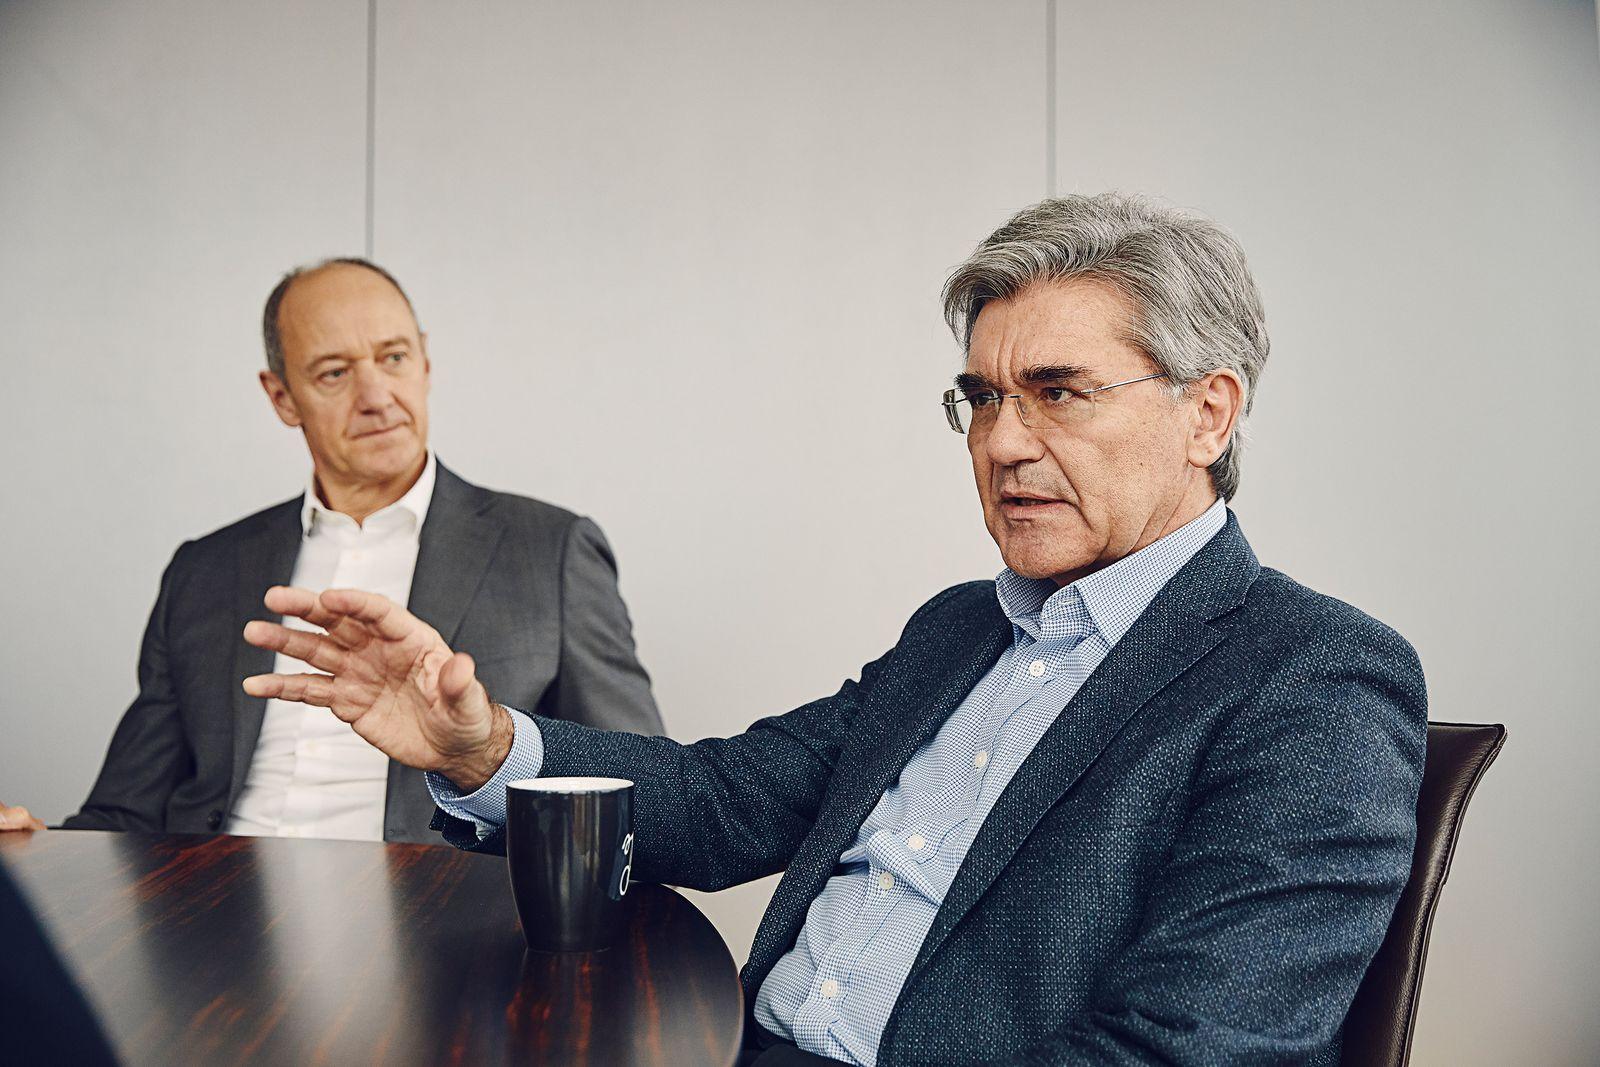 Interview mit Joe Kaeser und Roland Busch